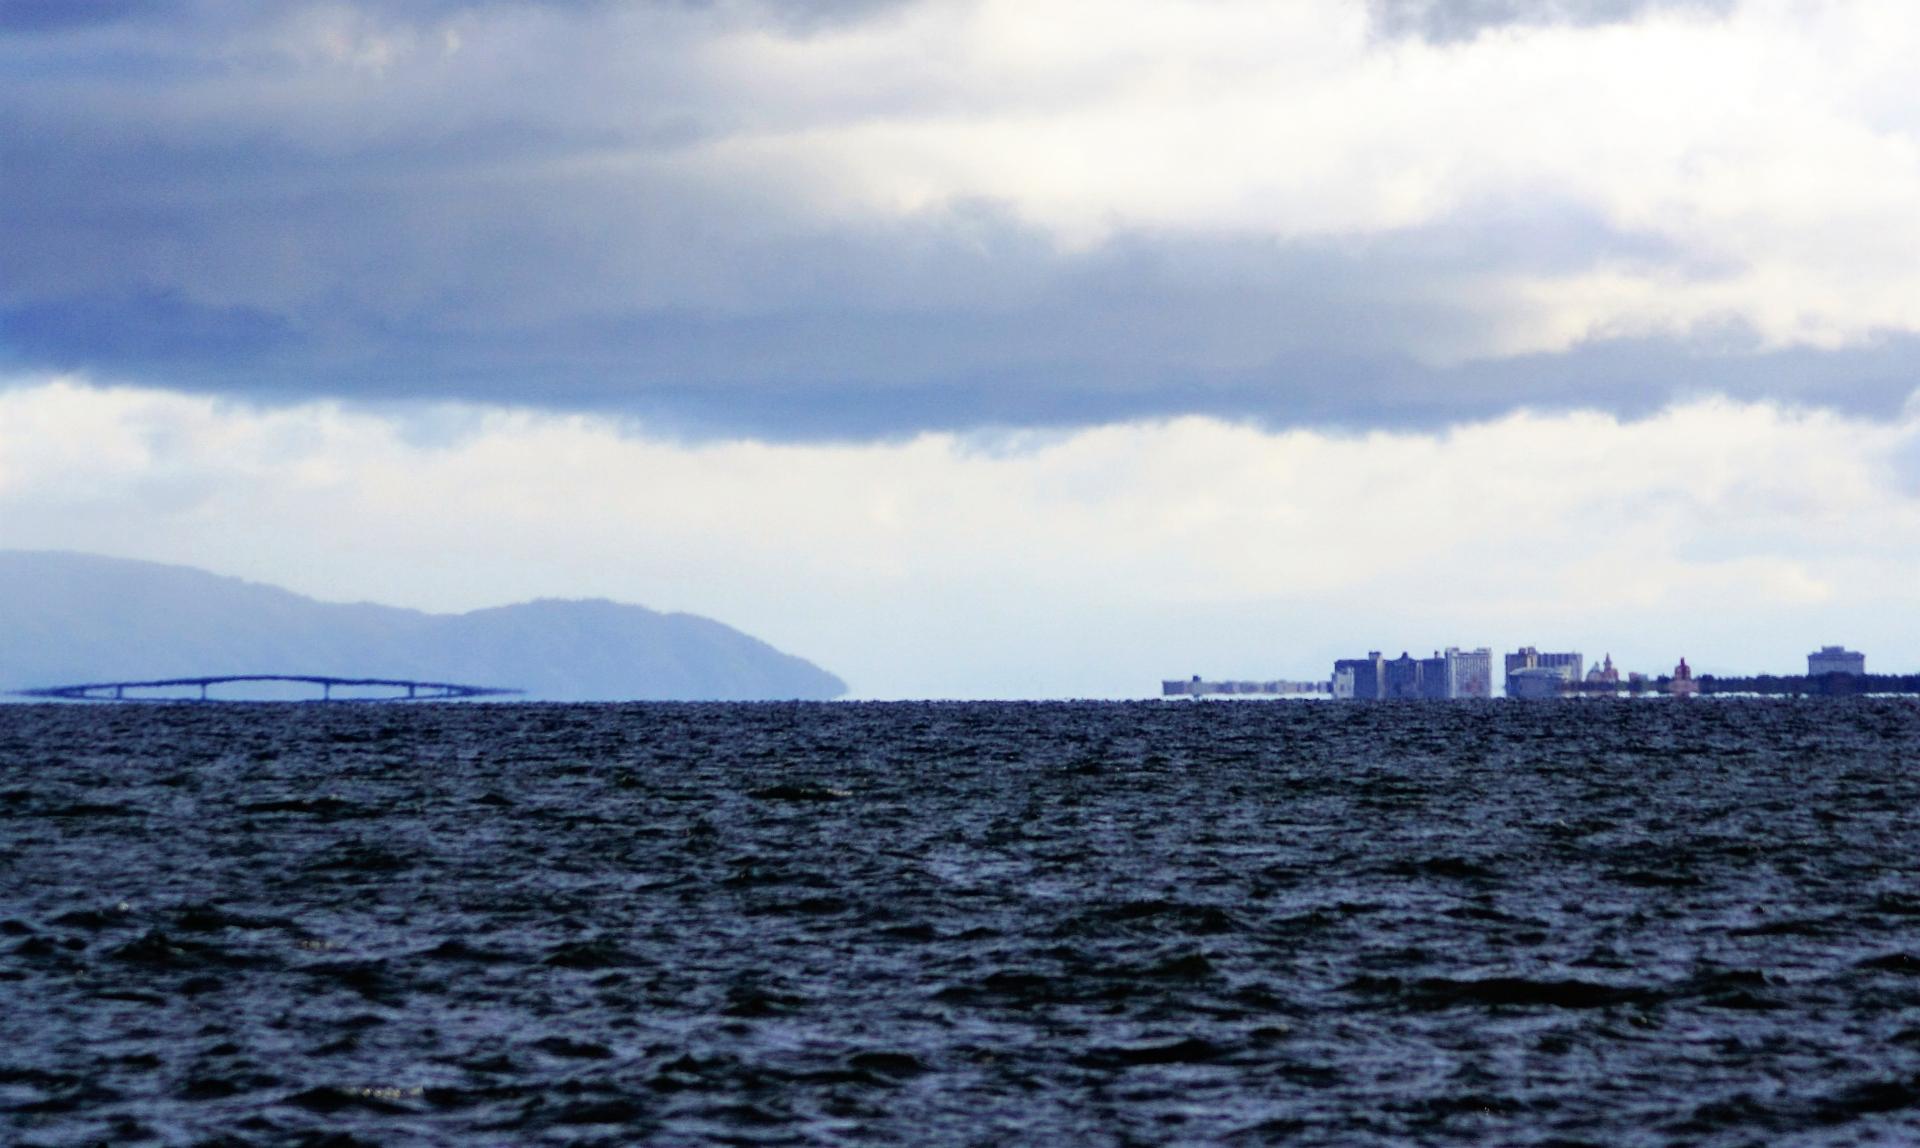 橋が消えた!琵琶湖で発生する「蜃気楼」